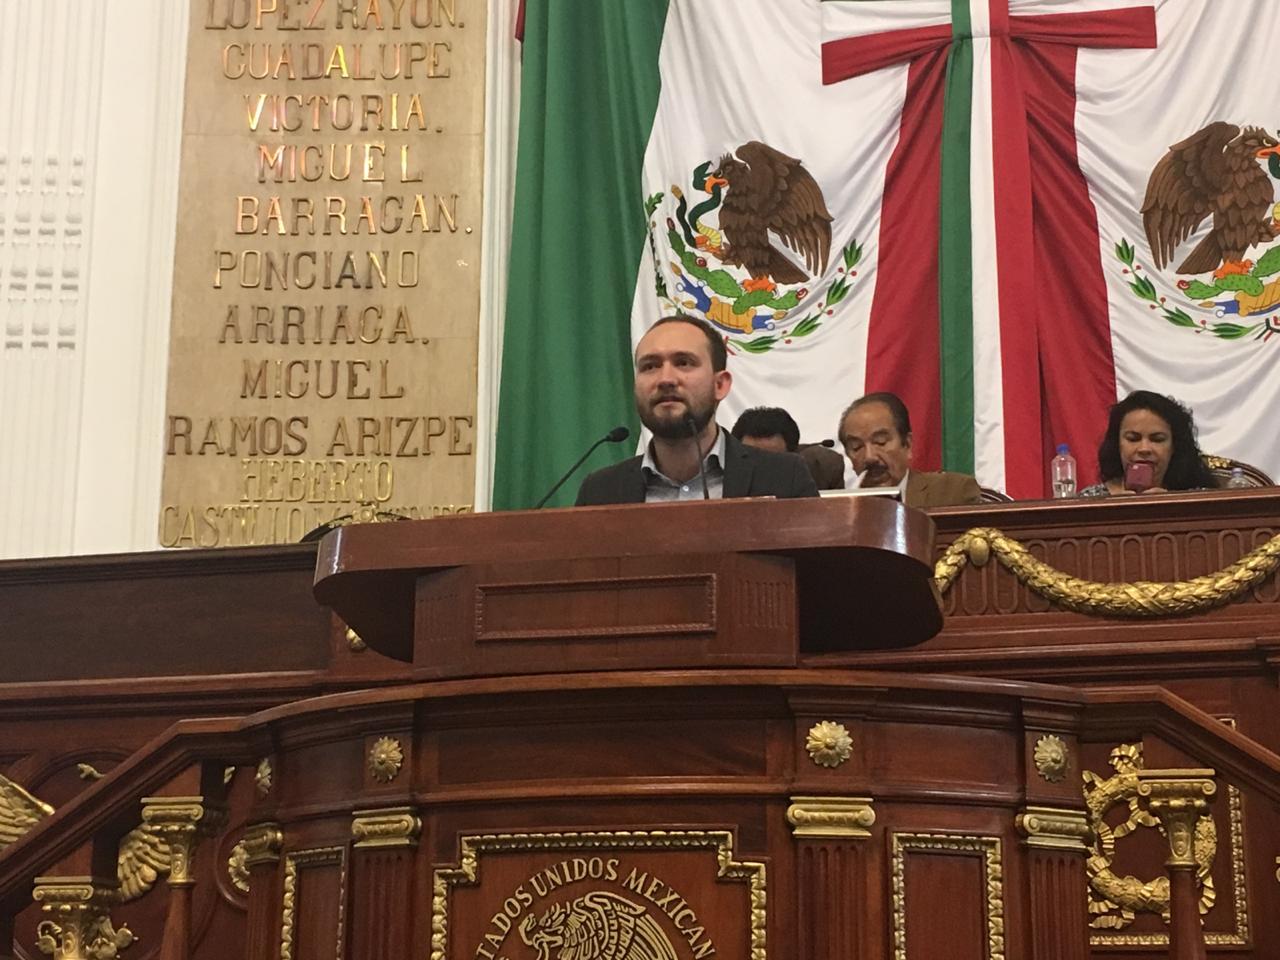 Congreso CDMX aprueba fortalecer los Derechos Humanos, la igualdad y la no discriminación de discapacitados